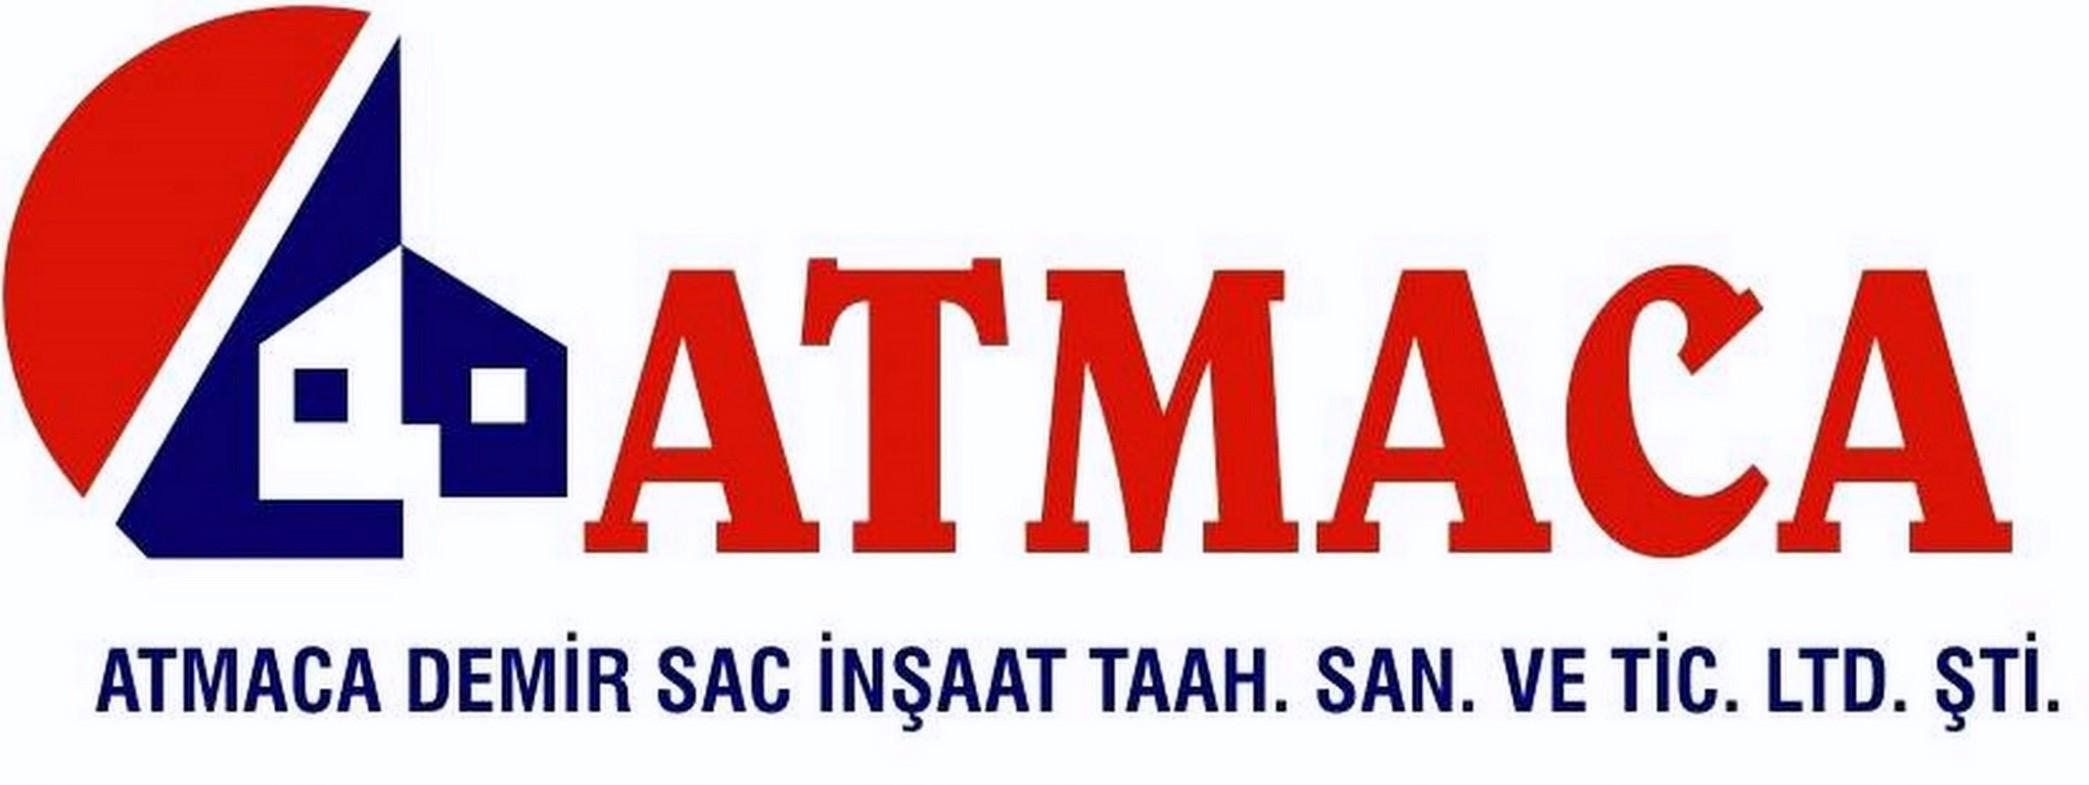 atmacademir.com.tr